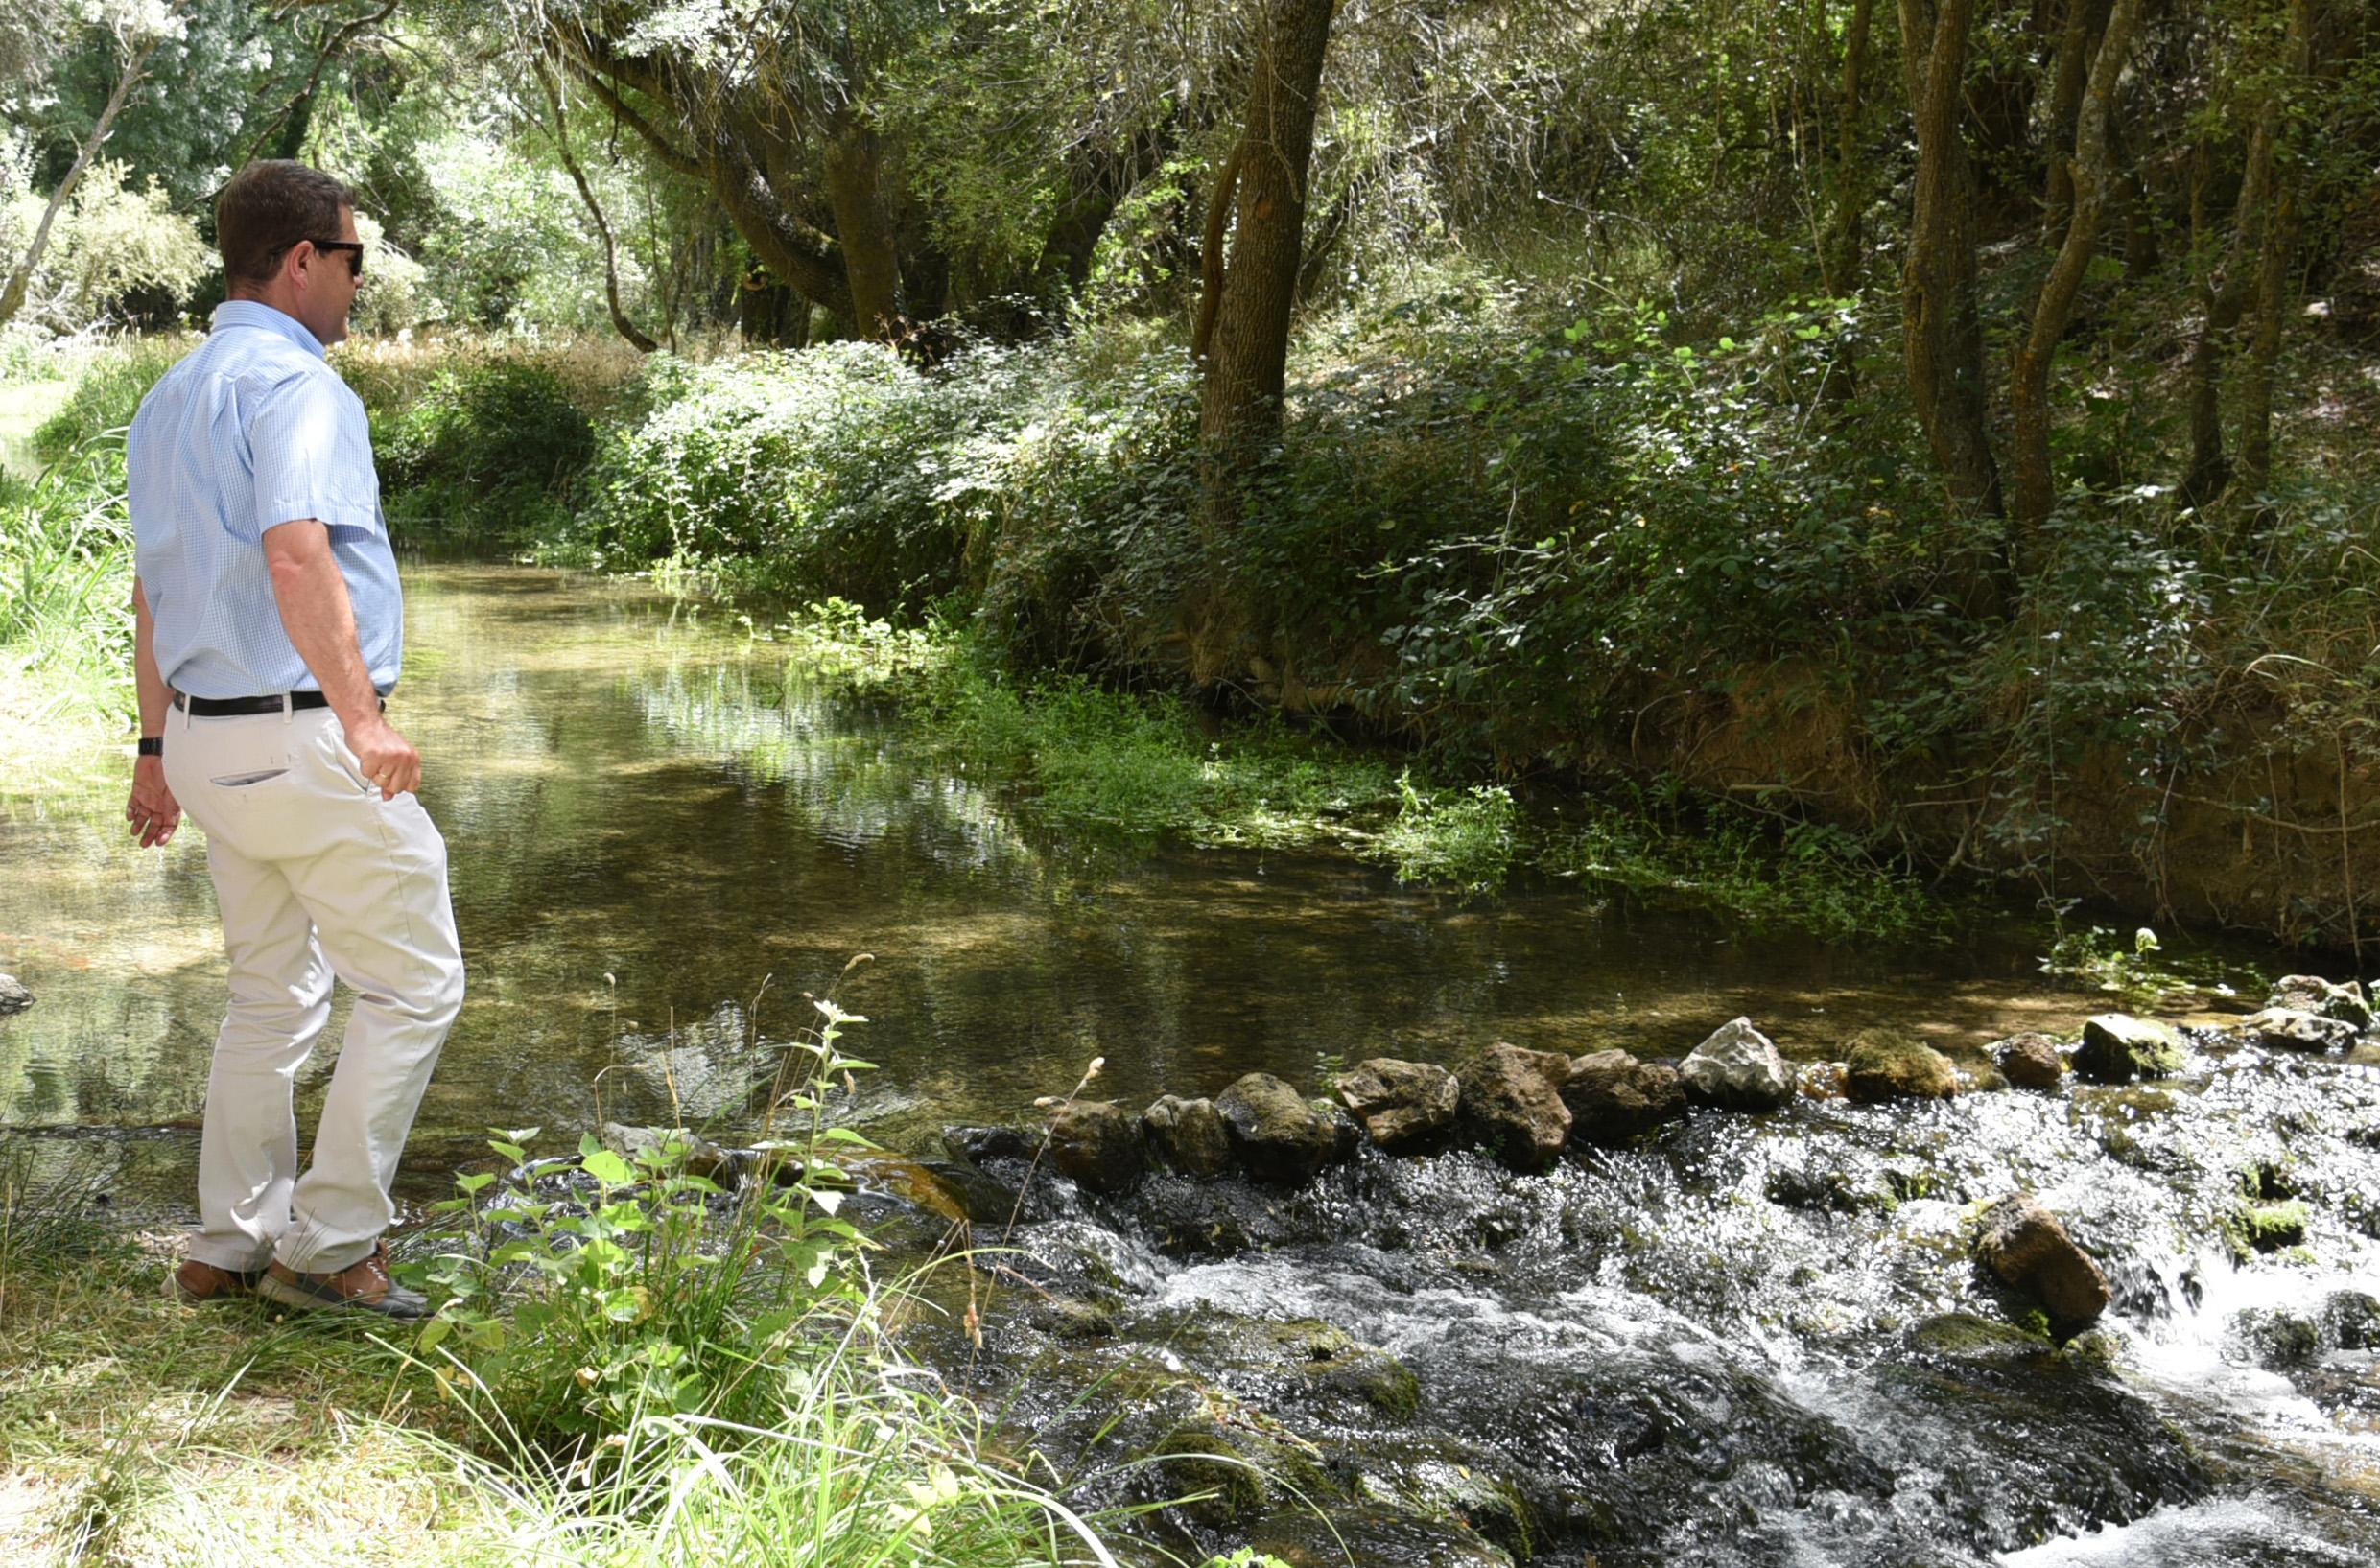 Page en Las Lagunas de Ruidera